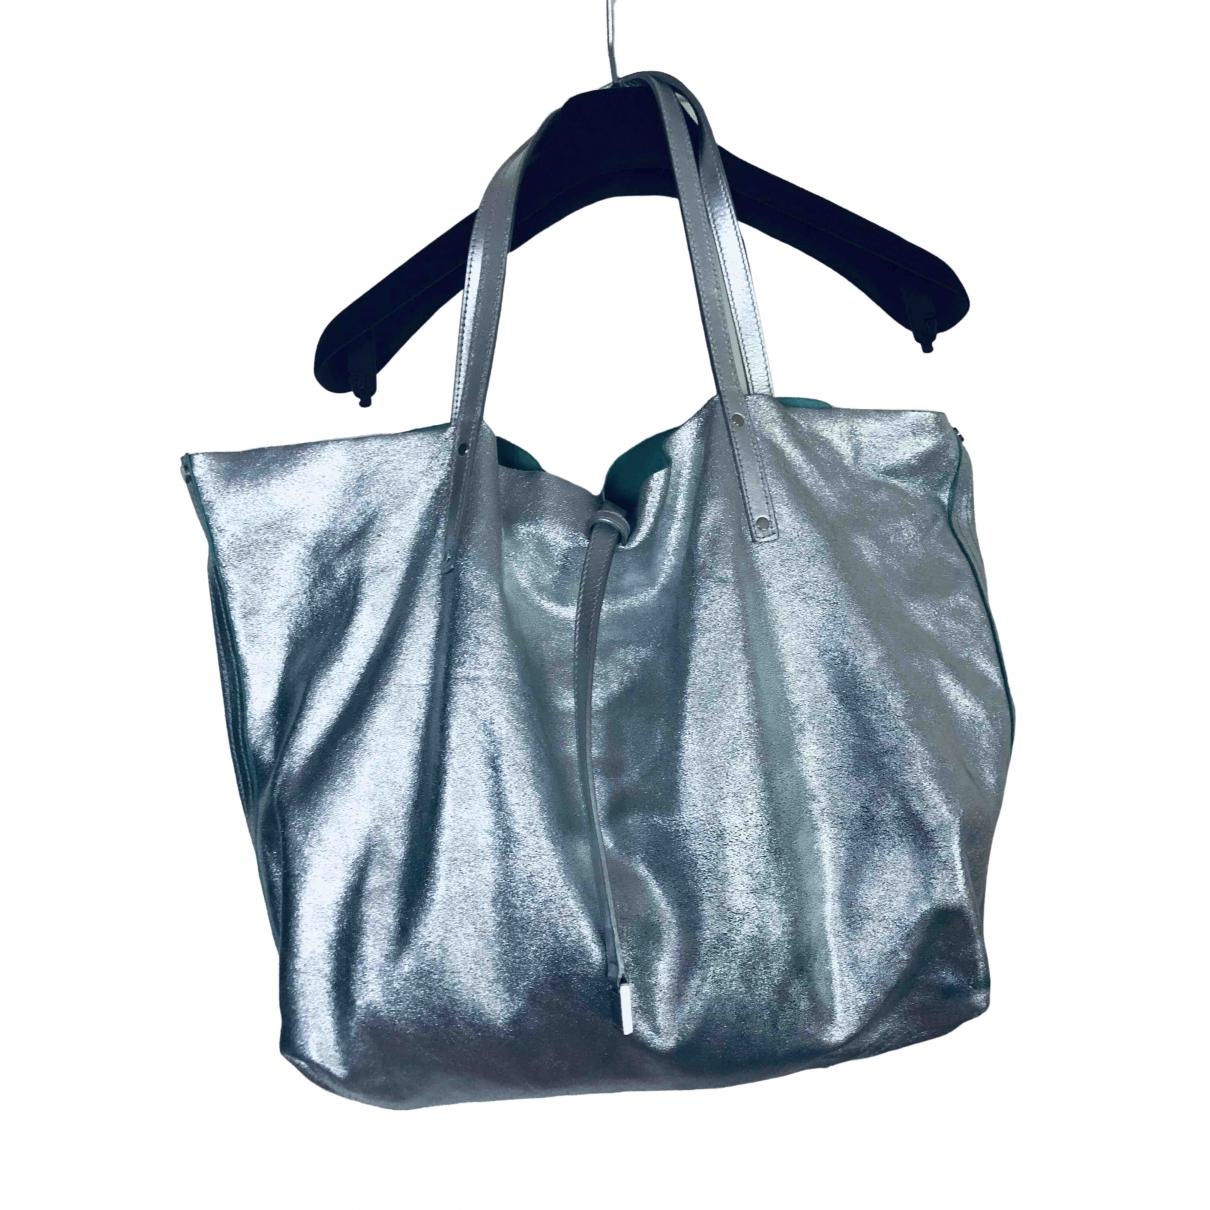 Tiffany & Co \N Leather handbag for Women \N